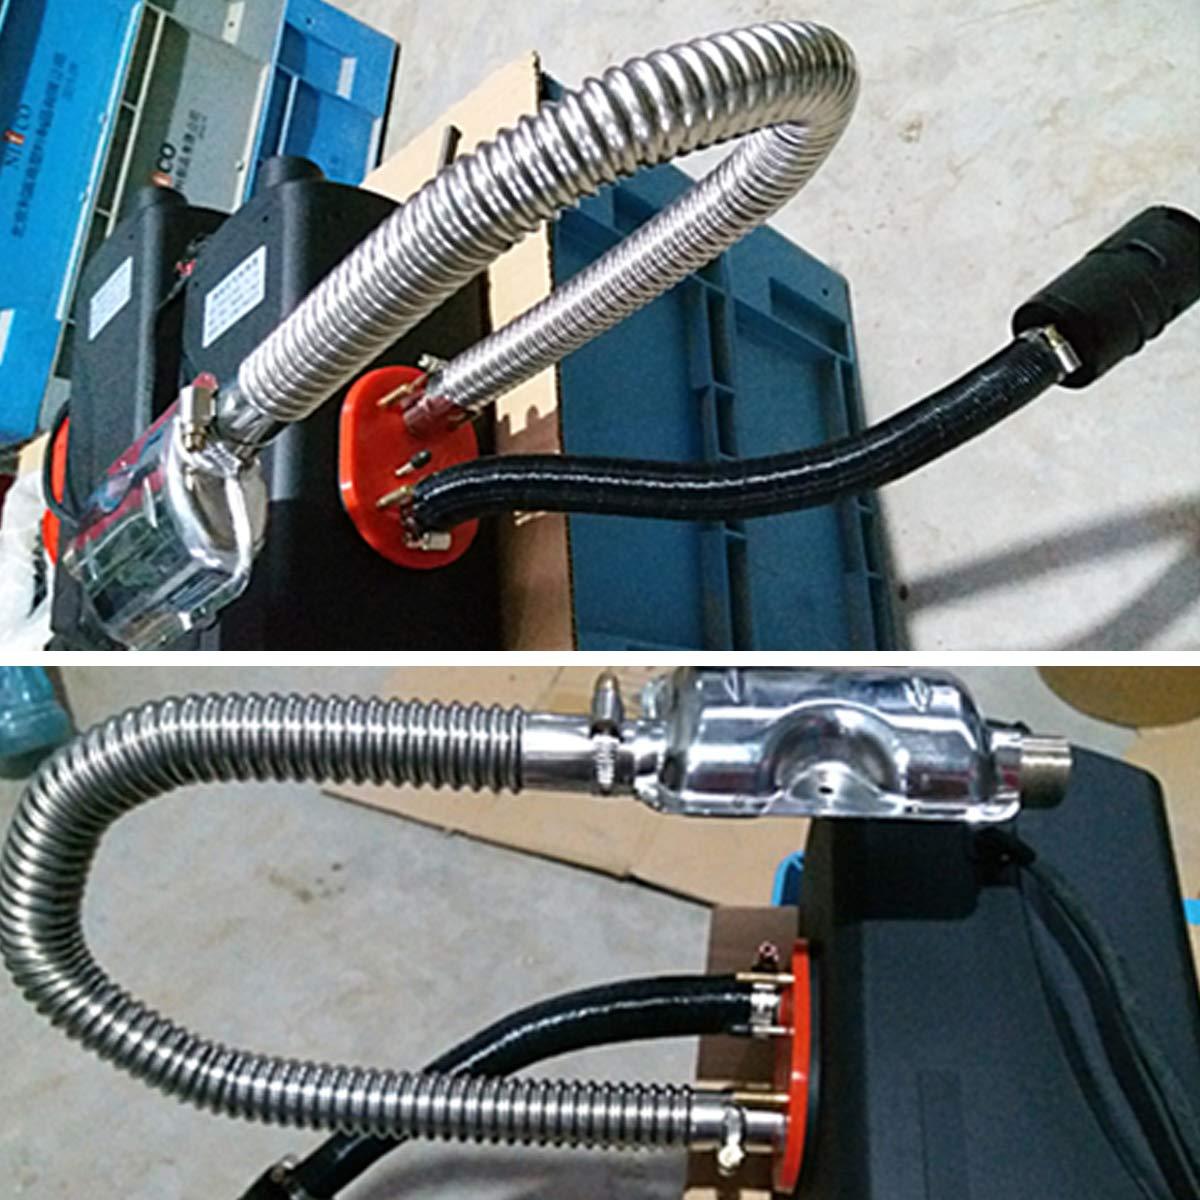 Schalld/ämpfer f/ür Autos Auspuffrohr und Gas-Entl/üftungsschlauch Heizung LuftDiesel dDanke Schalld/ämpfer-Set Edelstahl 60 cm